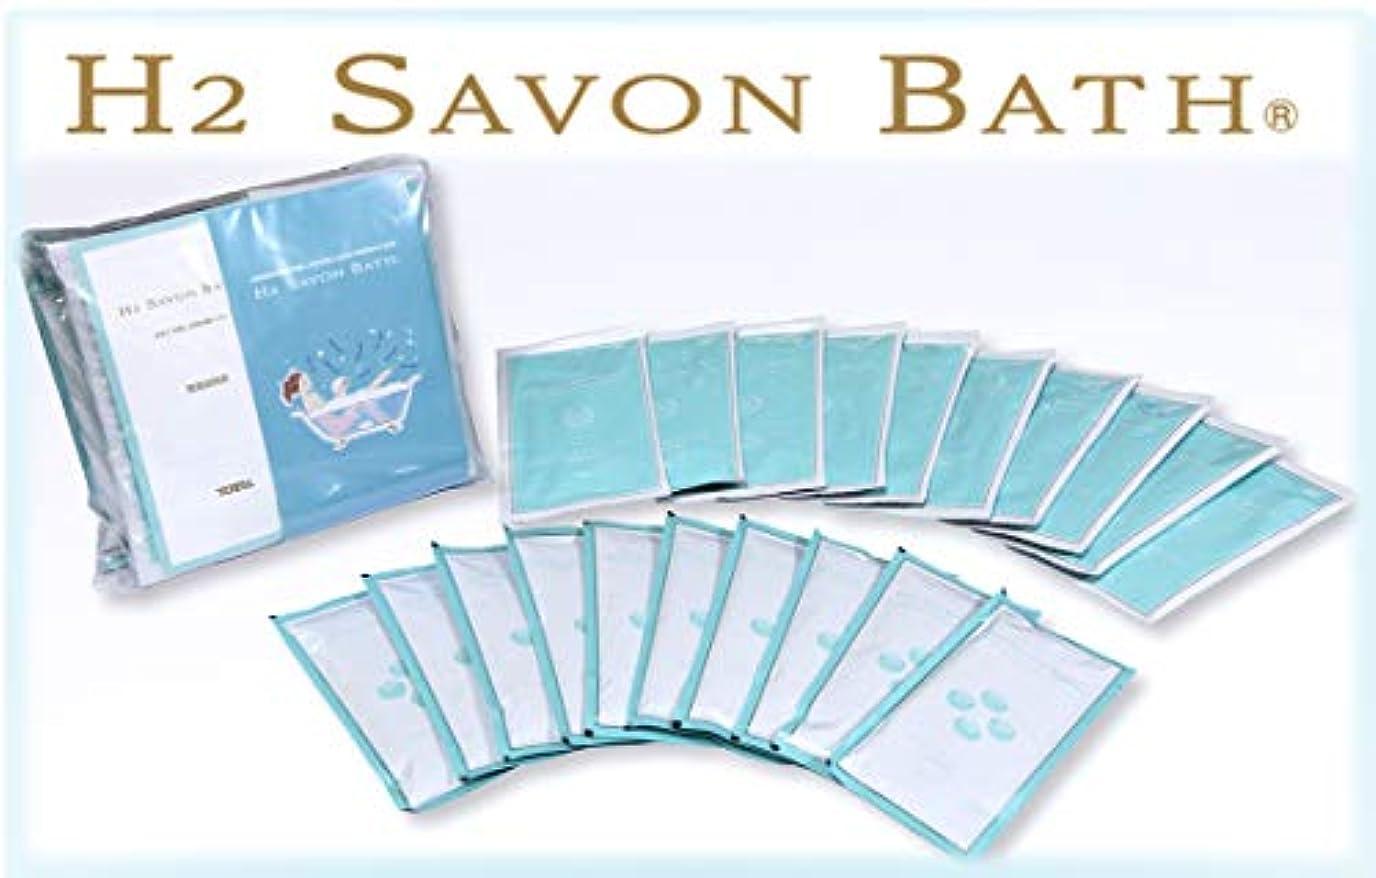 招待の前で気質H2 SAVON BATH(水素シャボンバス) 【1回分350円 徳用10回分入?専用ケース無し】